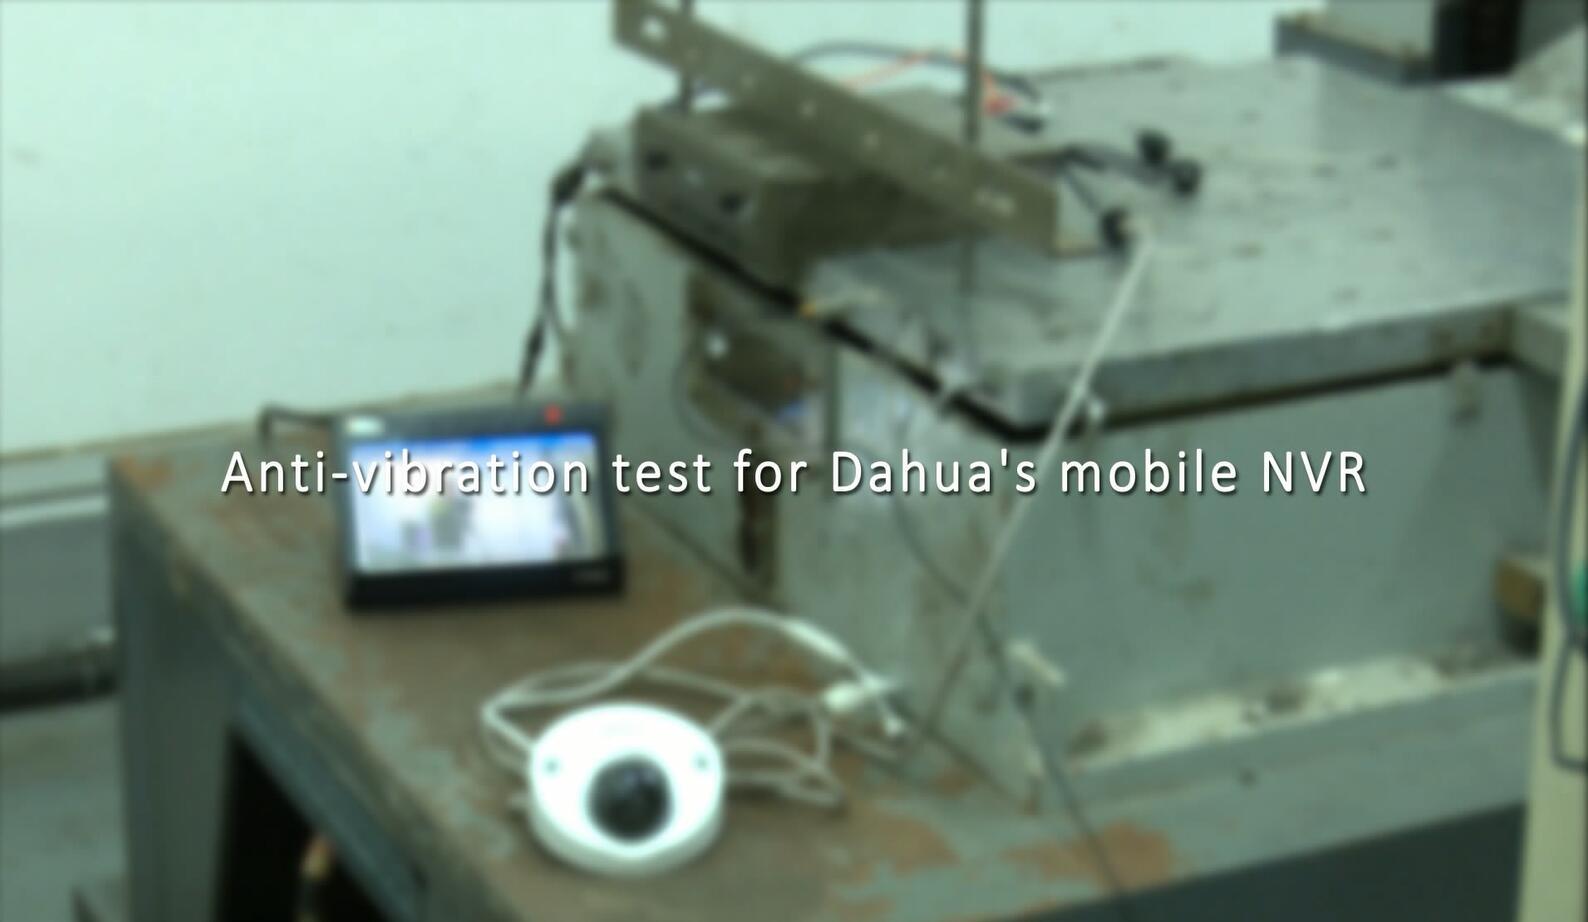 Anti-vibration test for Dahua's mobile NVR